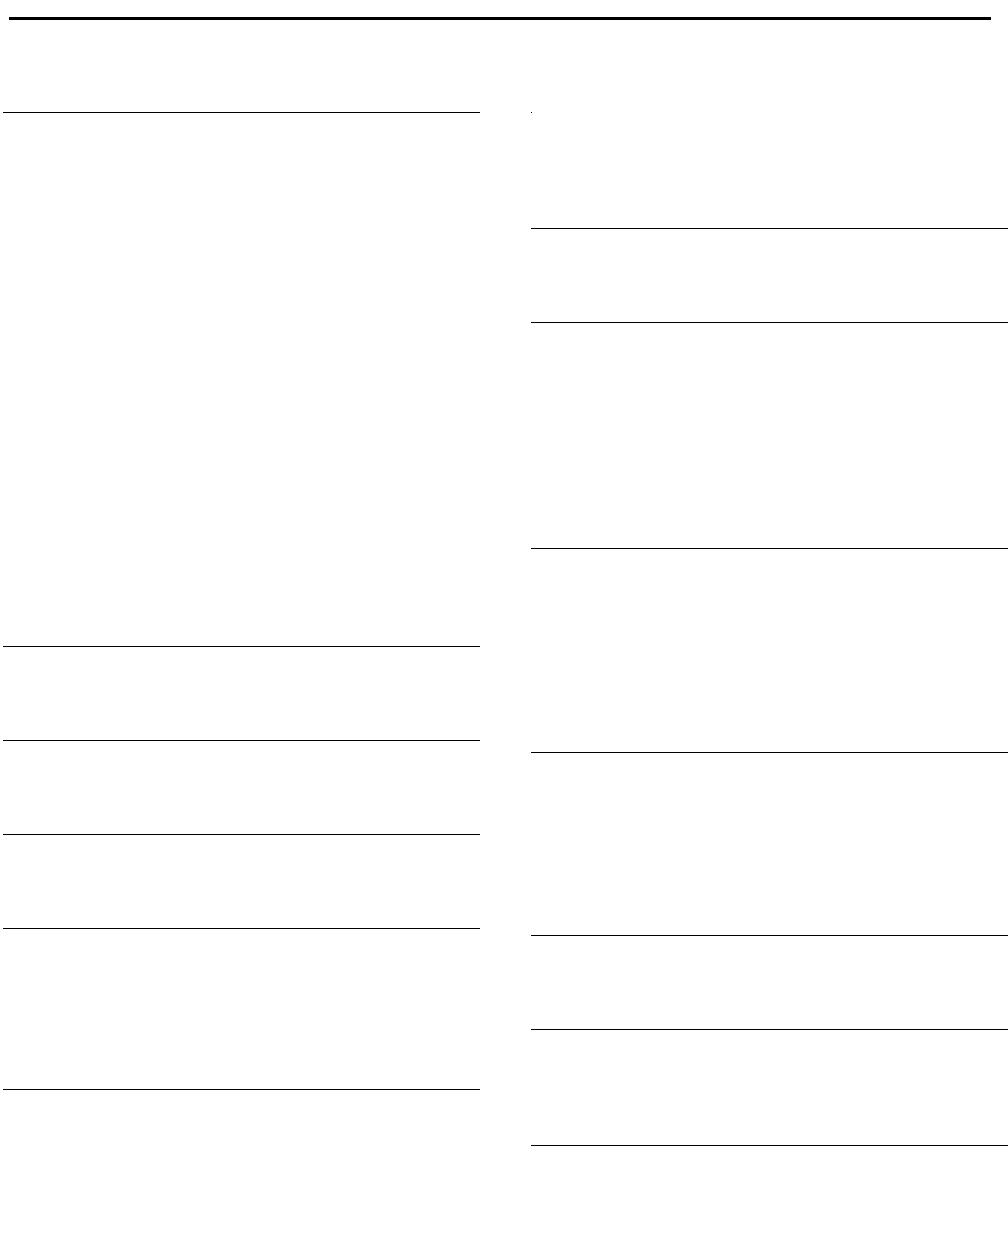 Bedienungsanleitung Avaya 3720 DECT (Seite 75 von 77) (Deutsch)